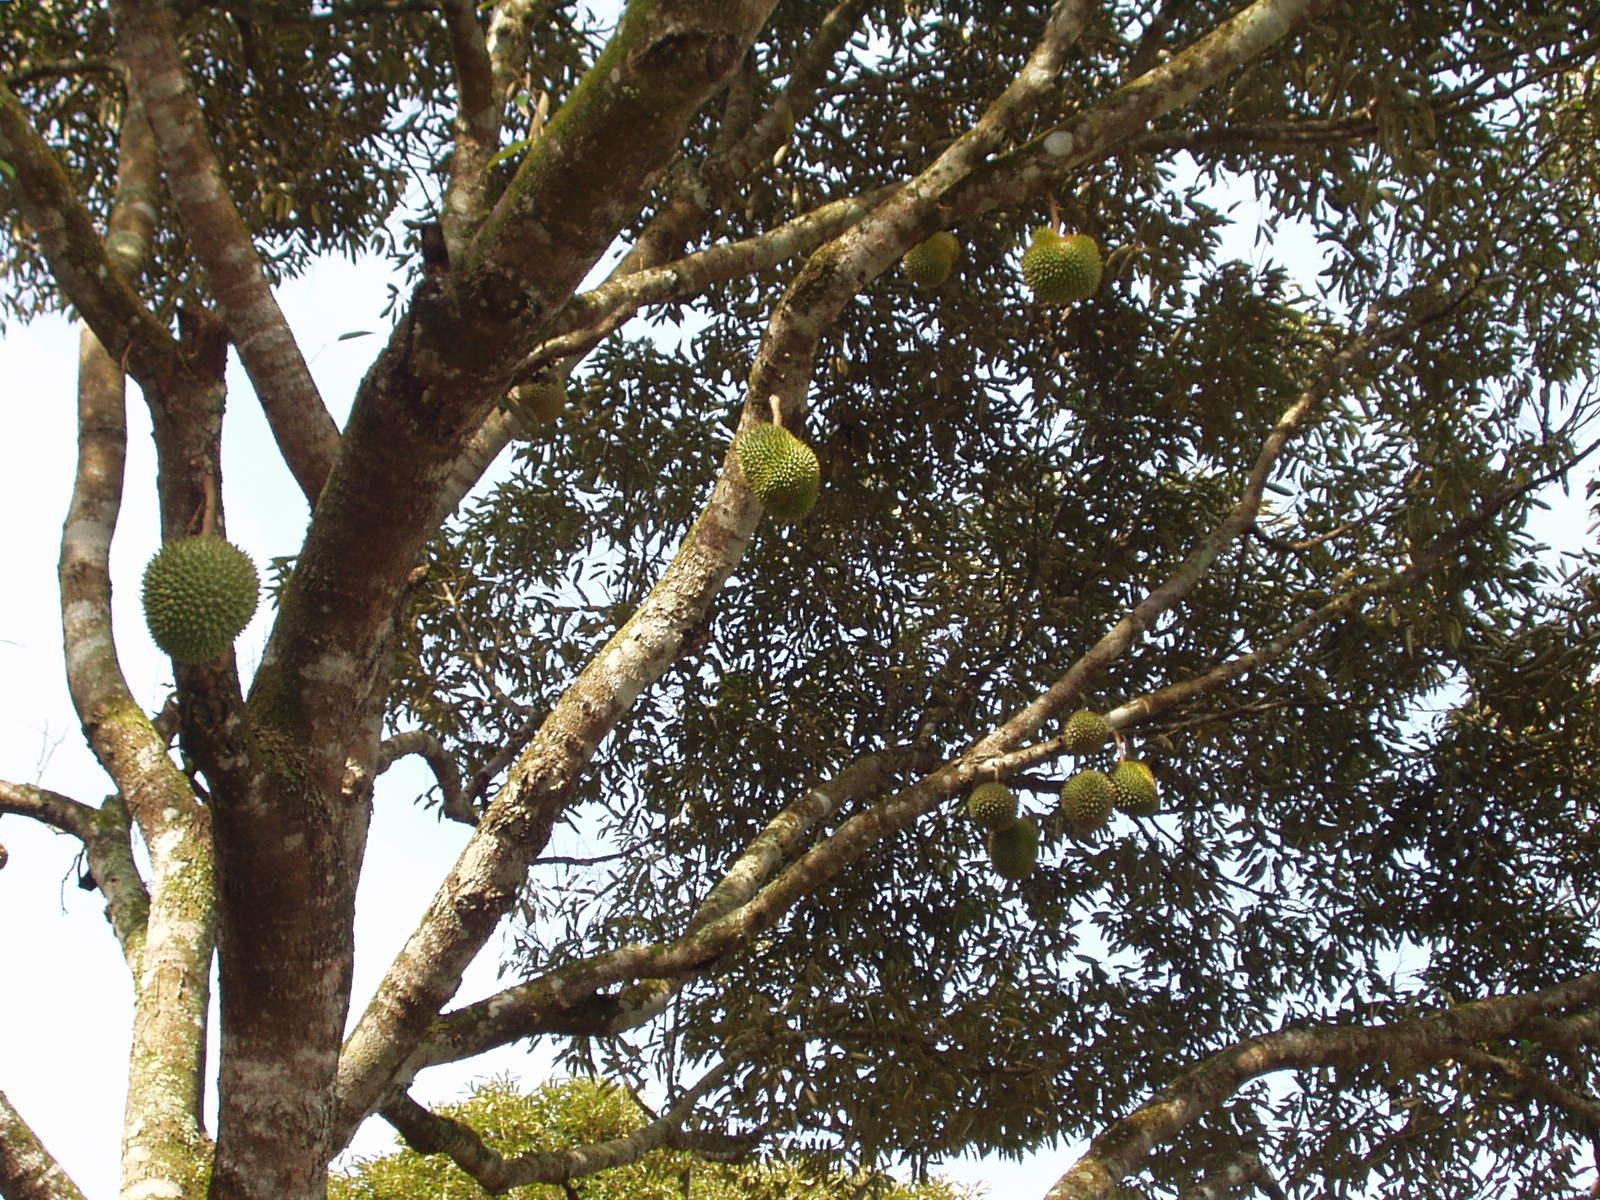 生活修行: 榴槤(Durian)吃過了,看過榴槤花苞及榴槤樹嗎?